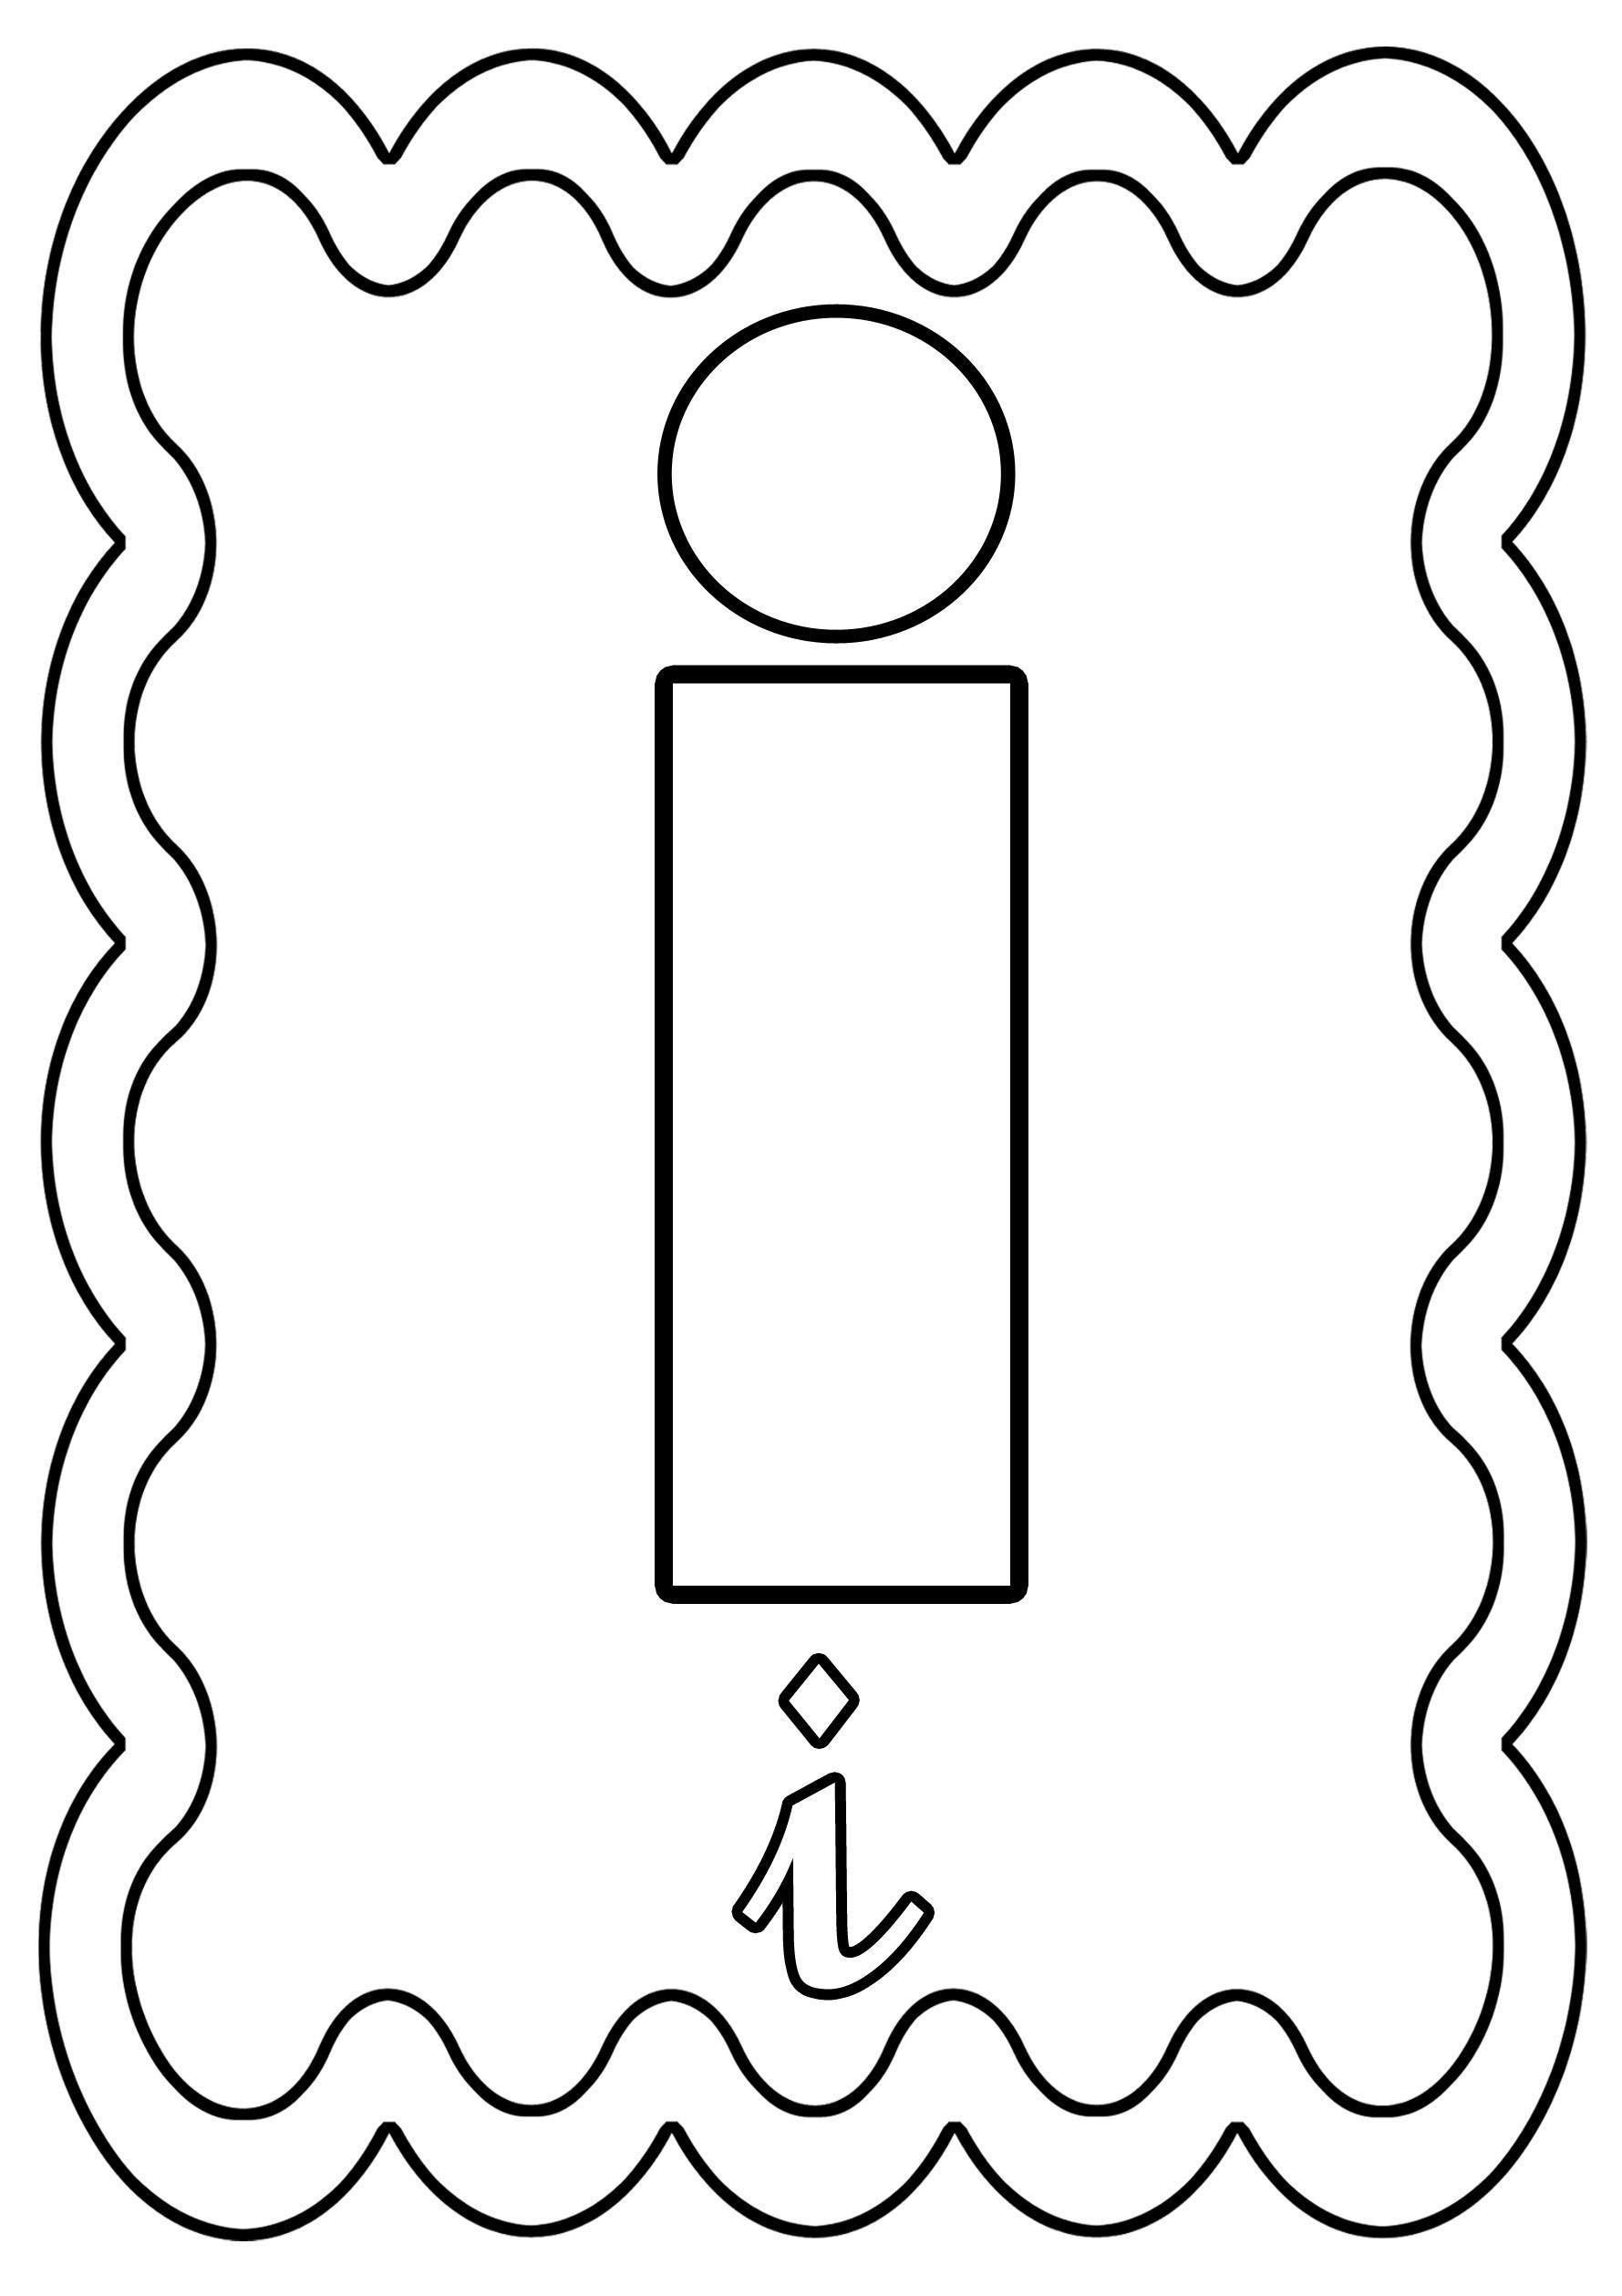 Coloriage Alphabet Lettre De A A Z tout Coloriage Alphabet Complet A Imprimer